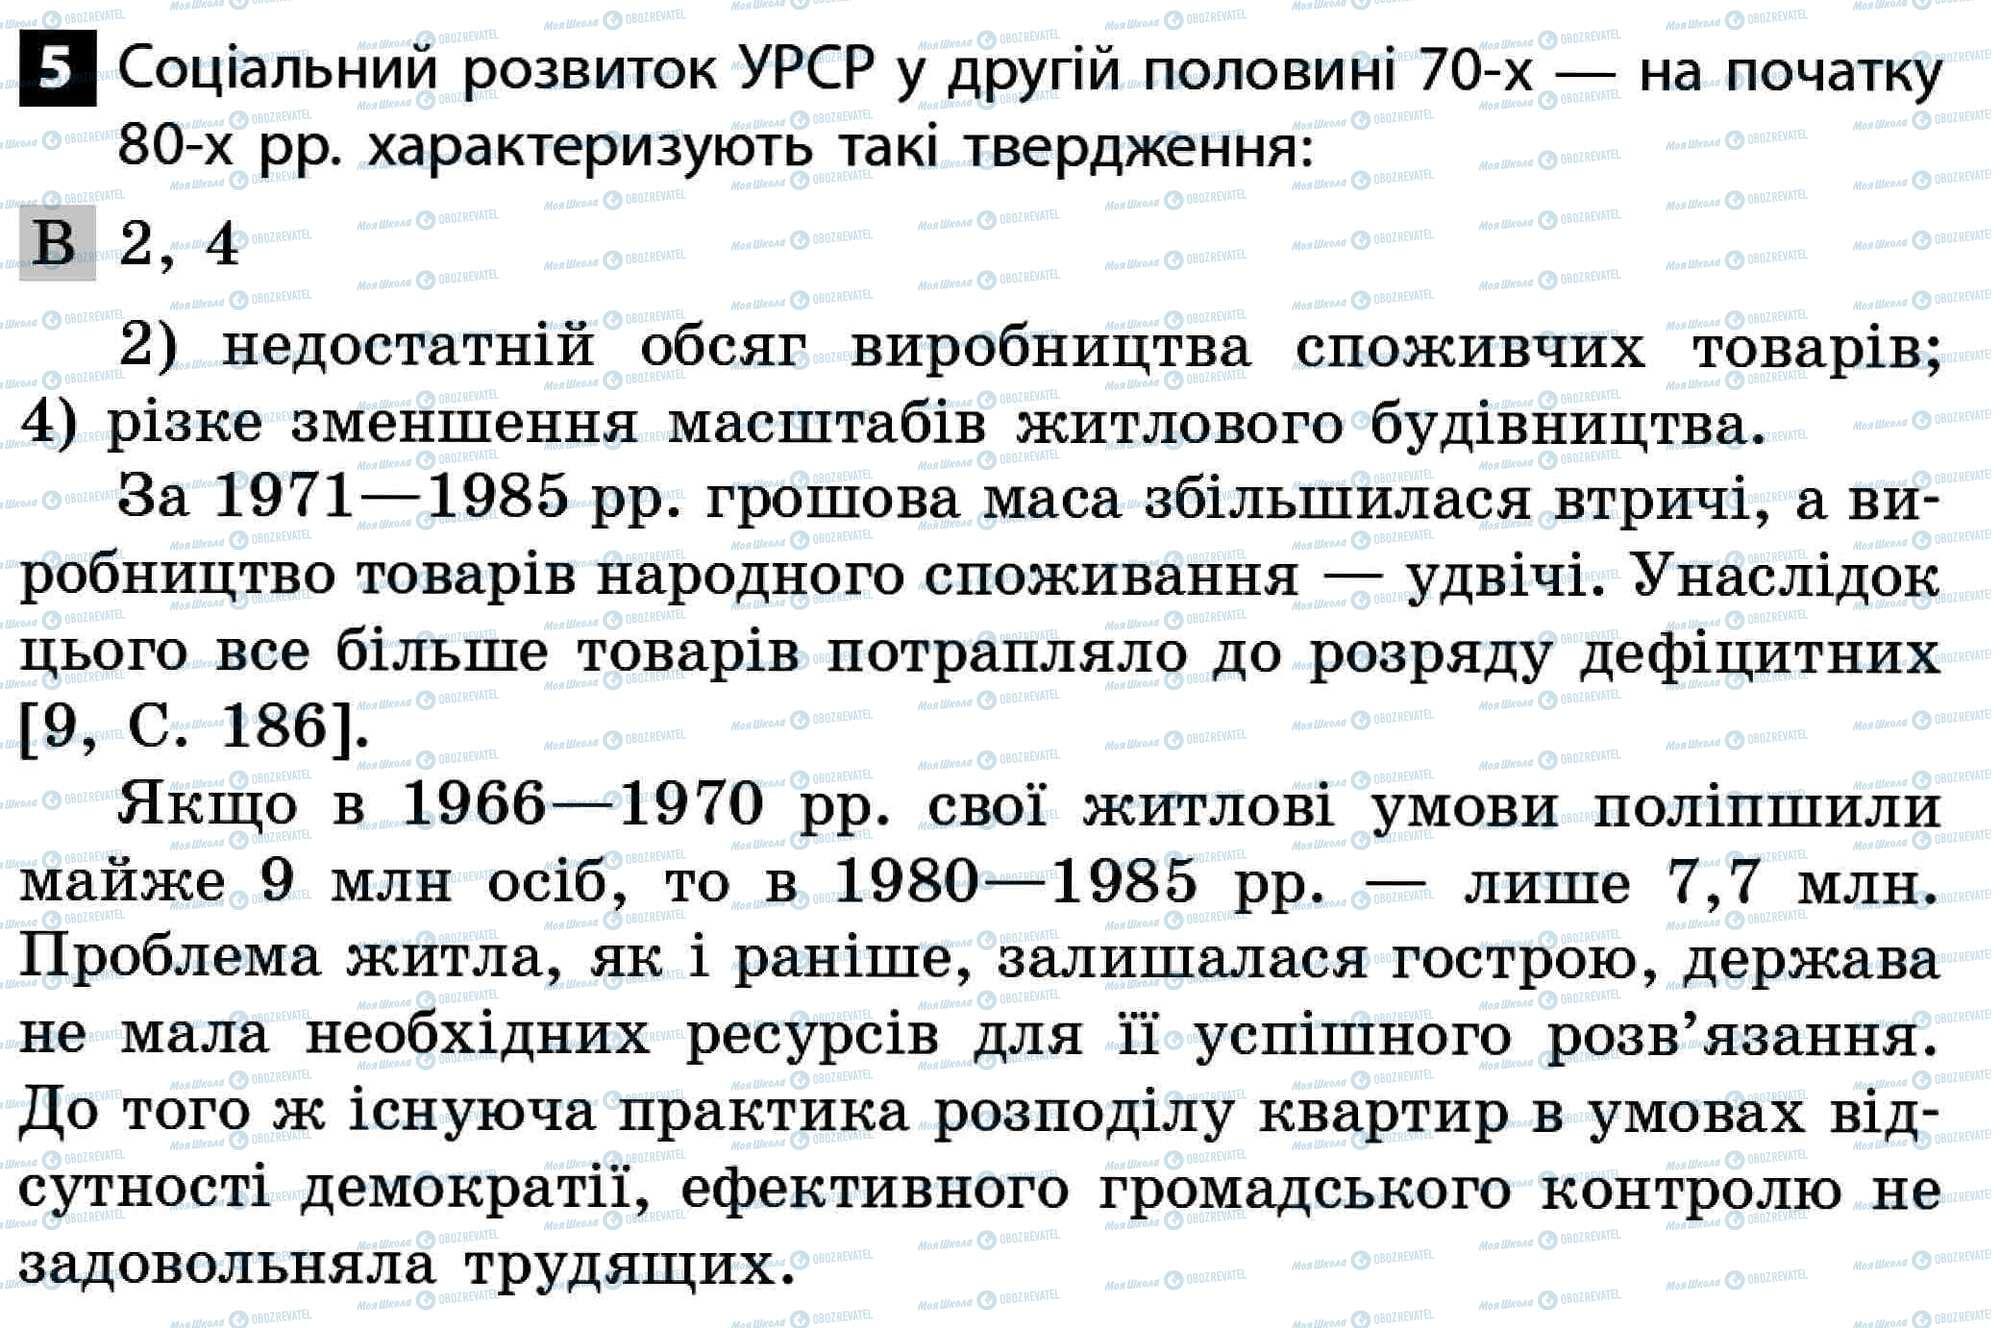 ДПА Історія України 11 клас сторінка 5